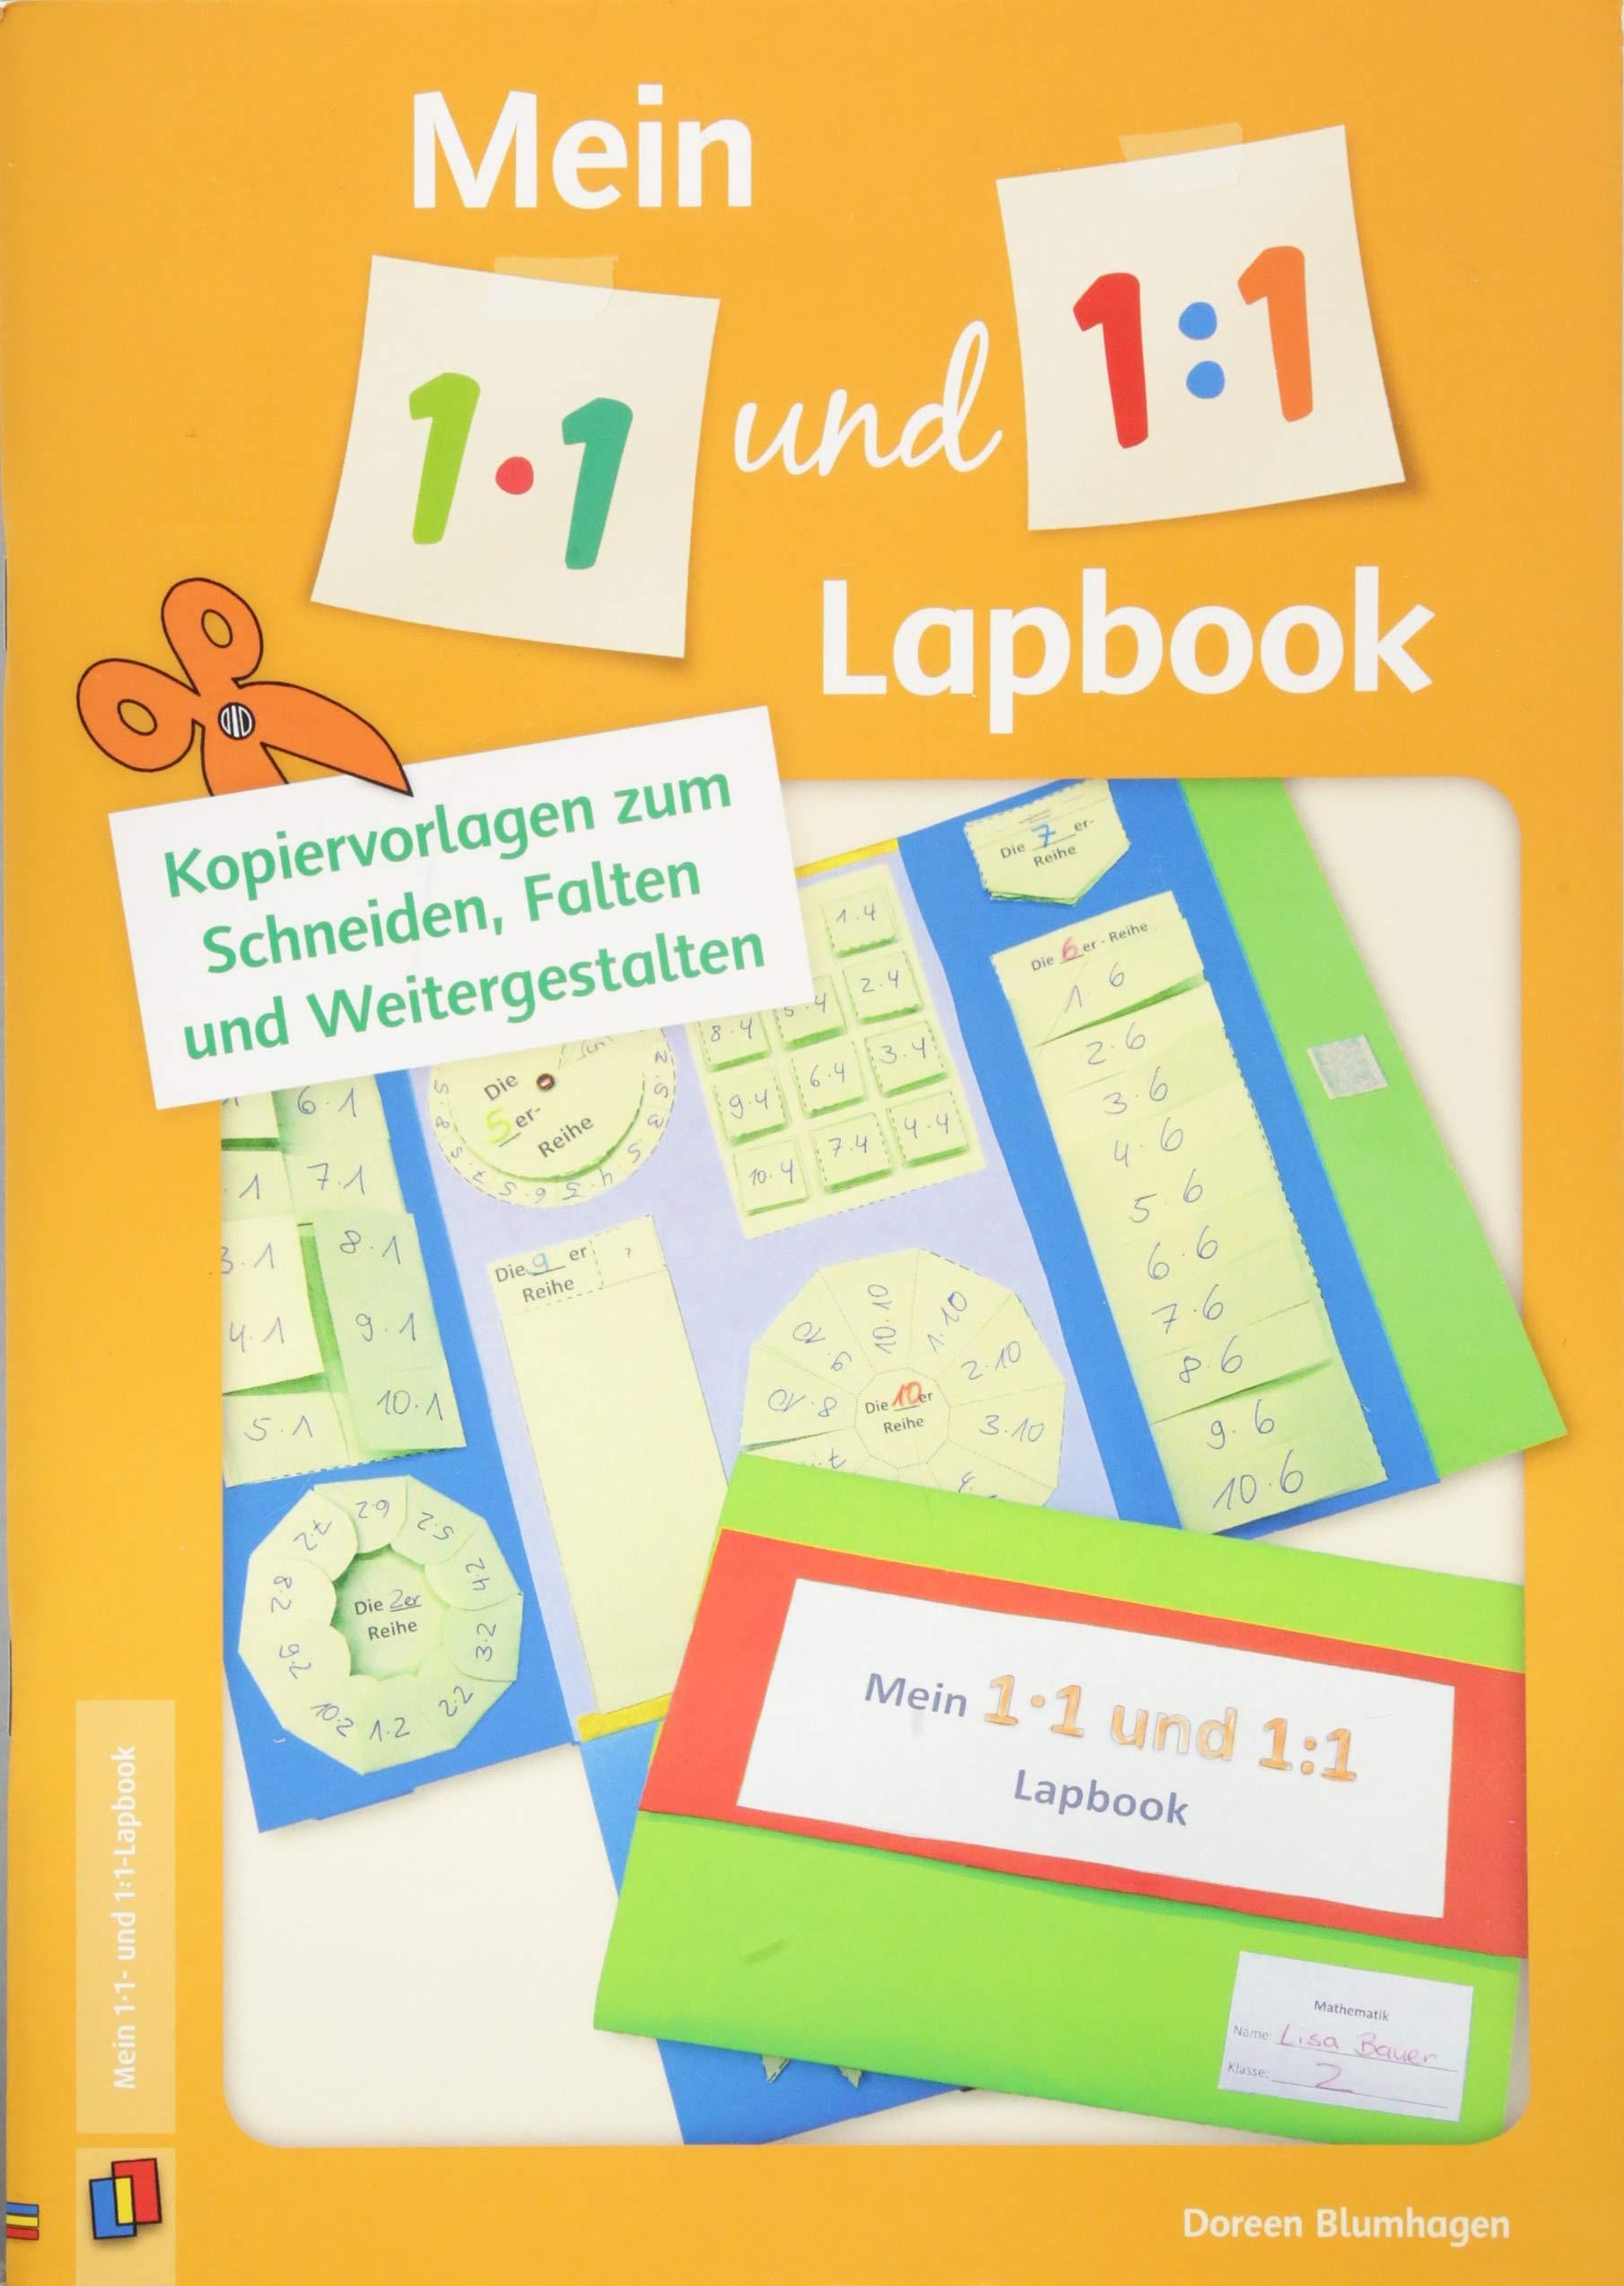 Vorlagen Maerchen Lapbook Zaubereinmaleins Designblog 8